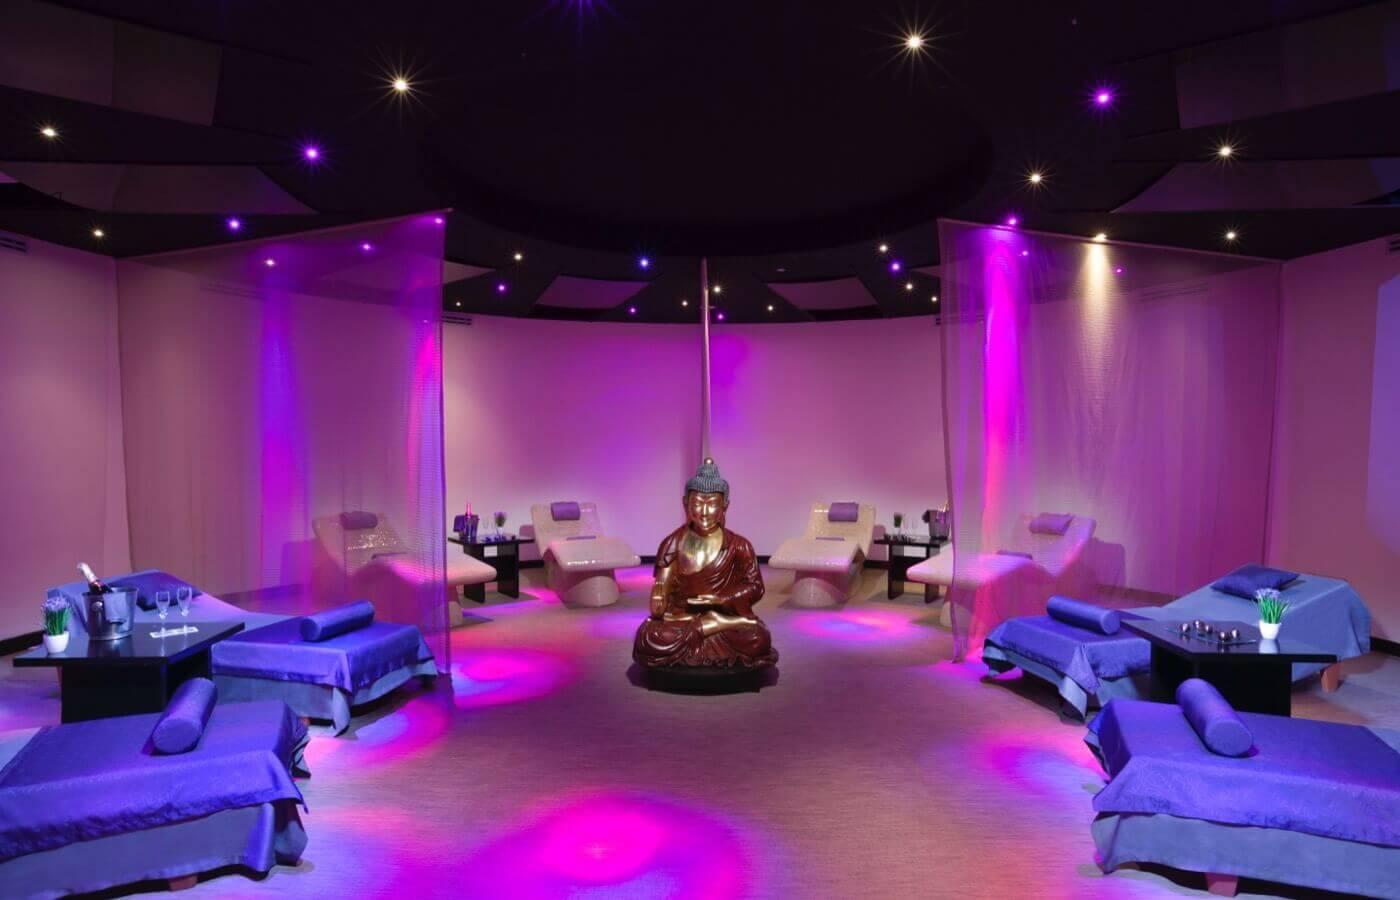 spa de lujo hotel grand oasis cancul servicio de masajes tratamientos de belleza